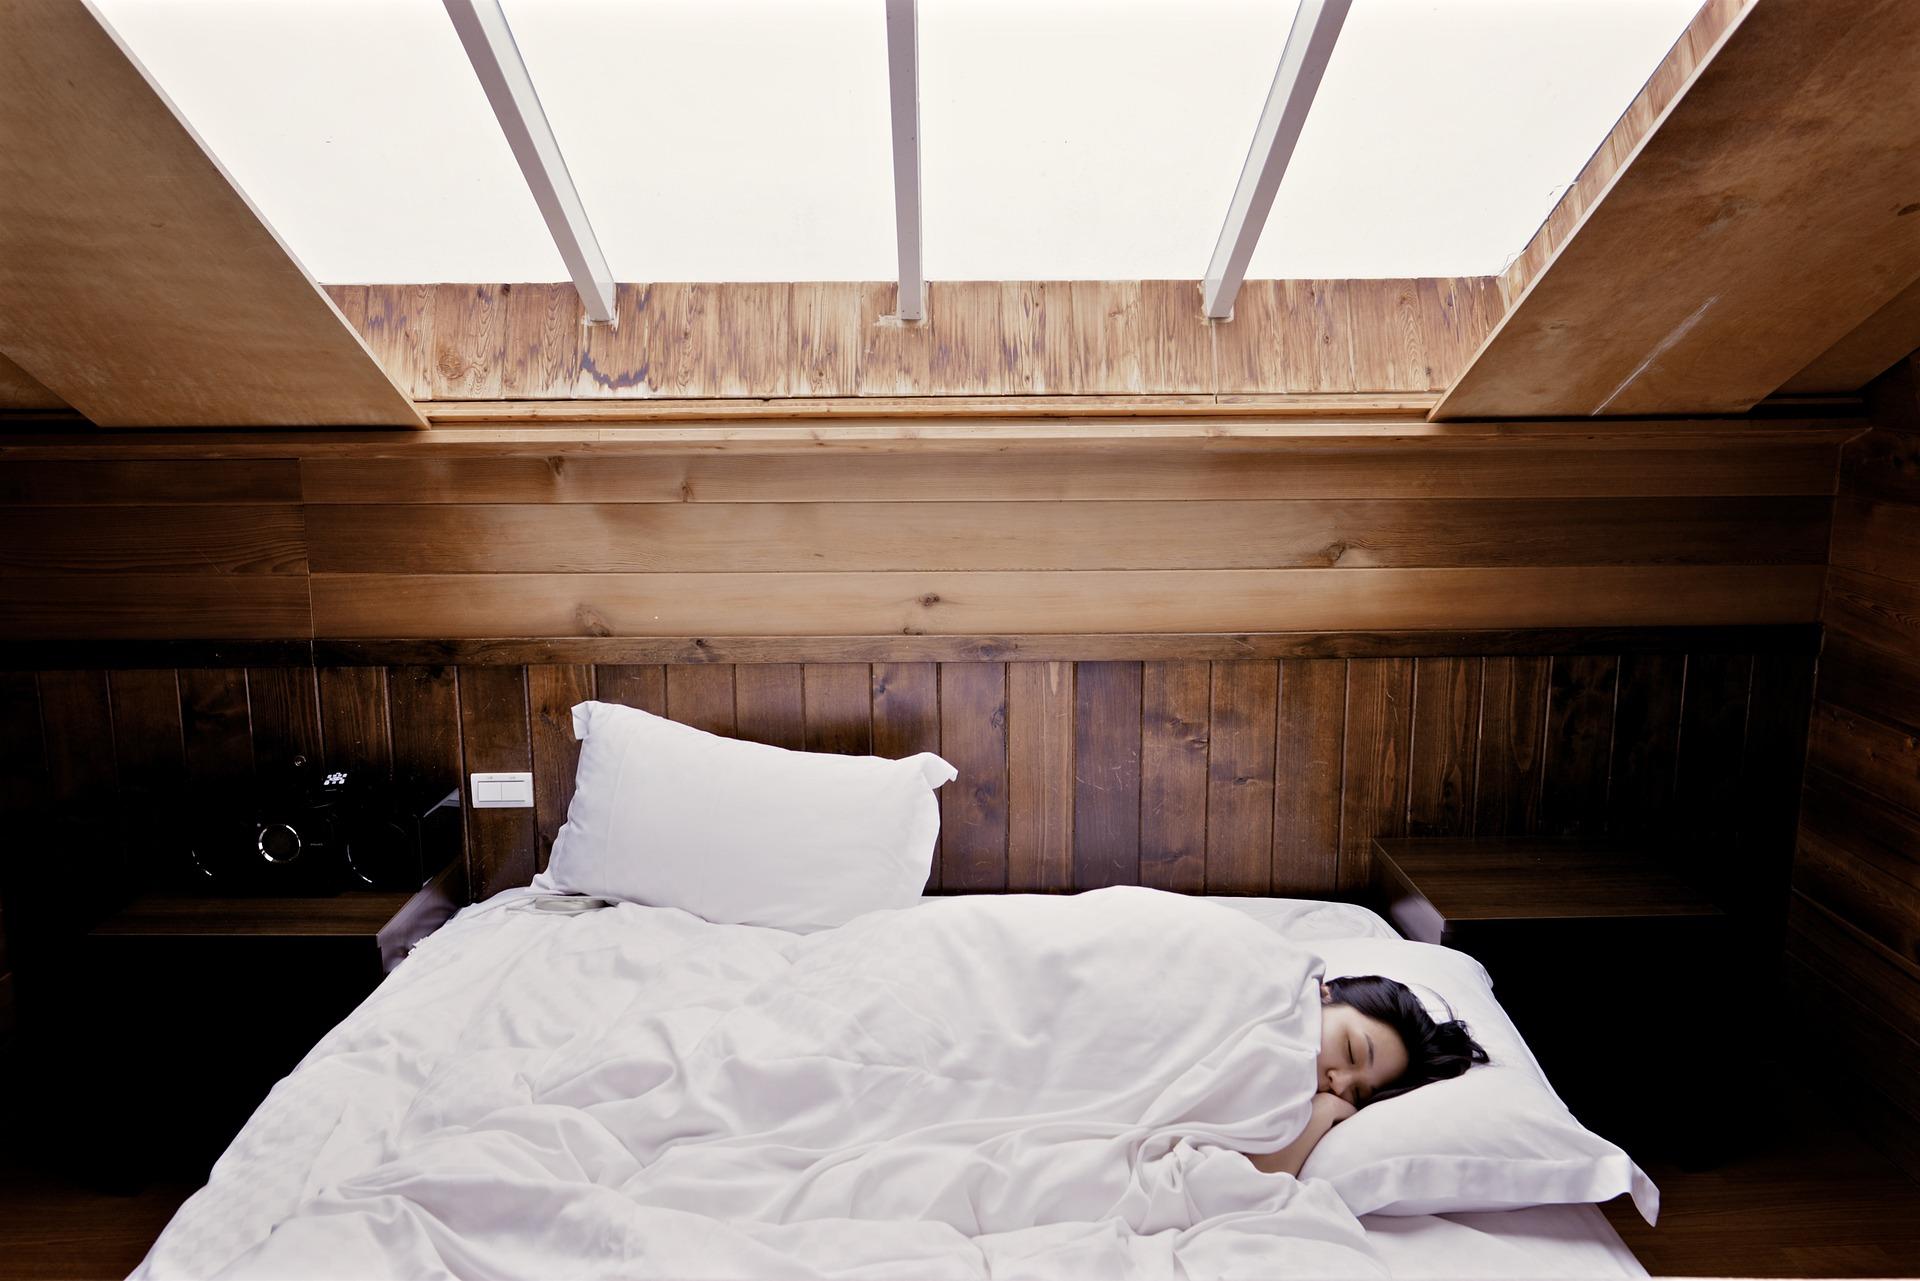 Praktinės rekomendacijos dėl miego problemų esant darbui iš namų dėl COVID-19 pandemijos